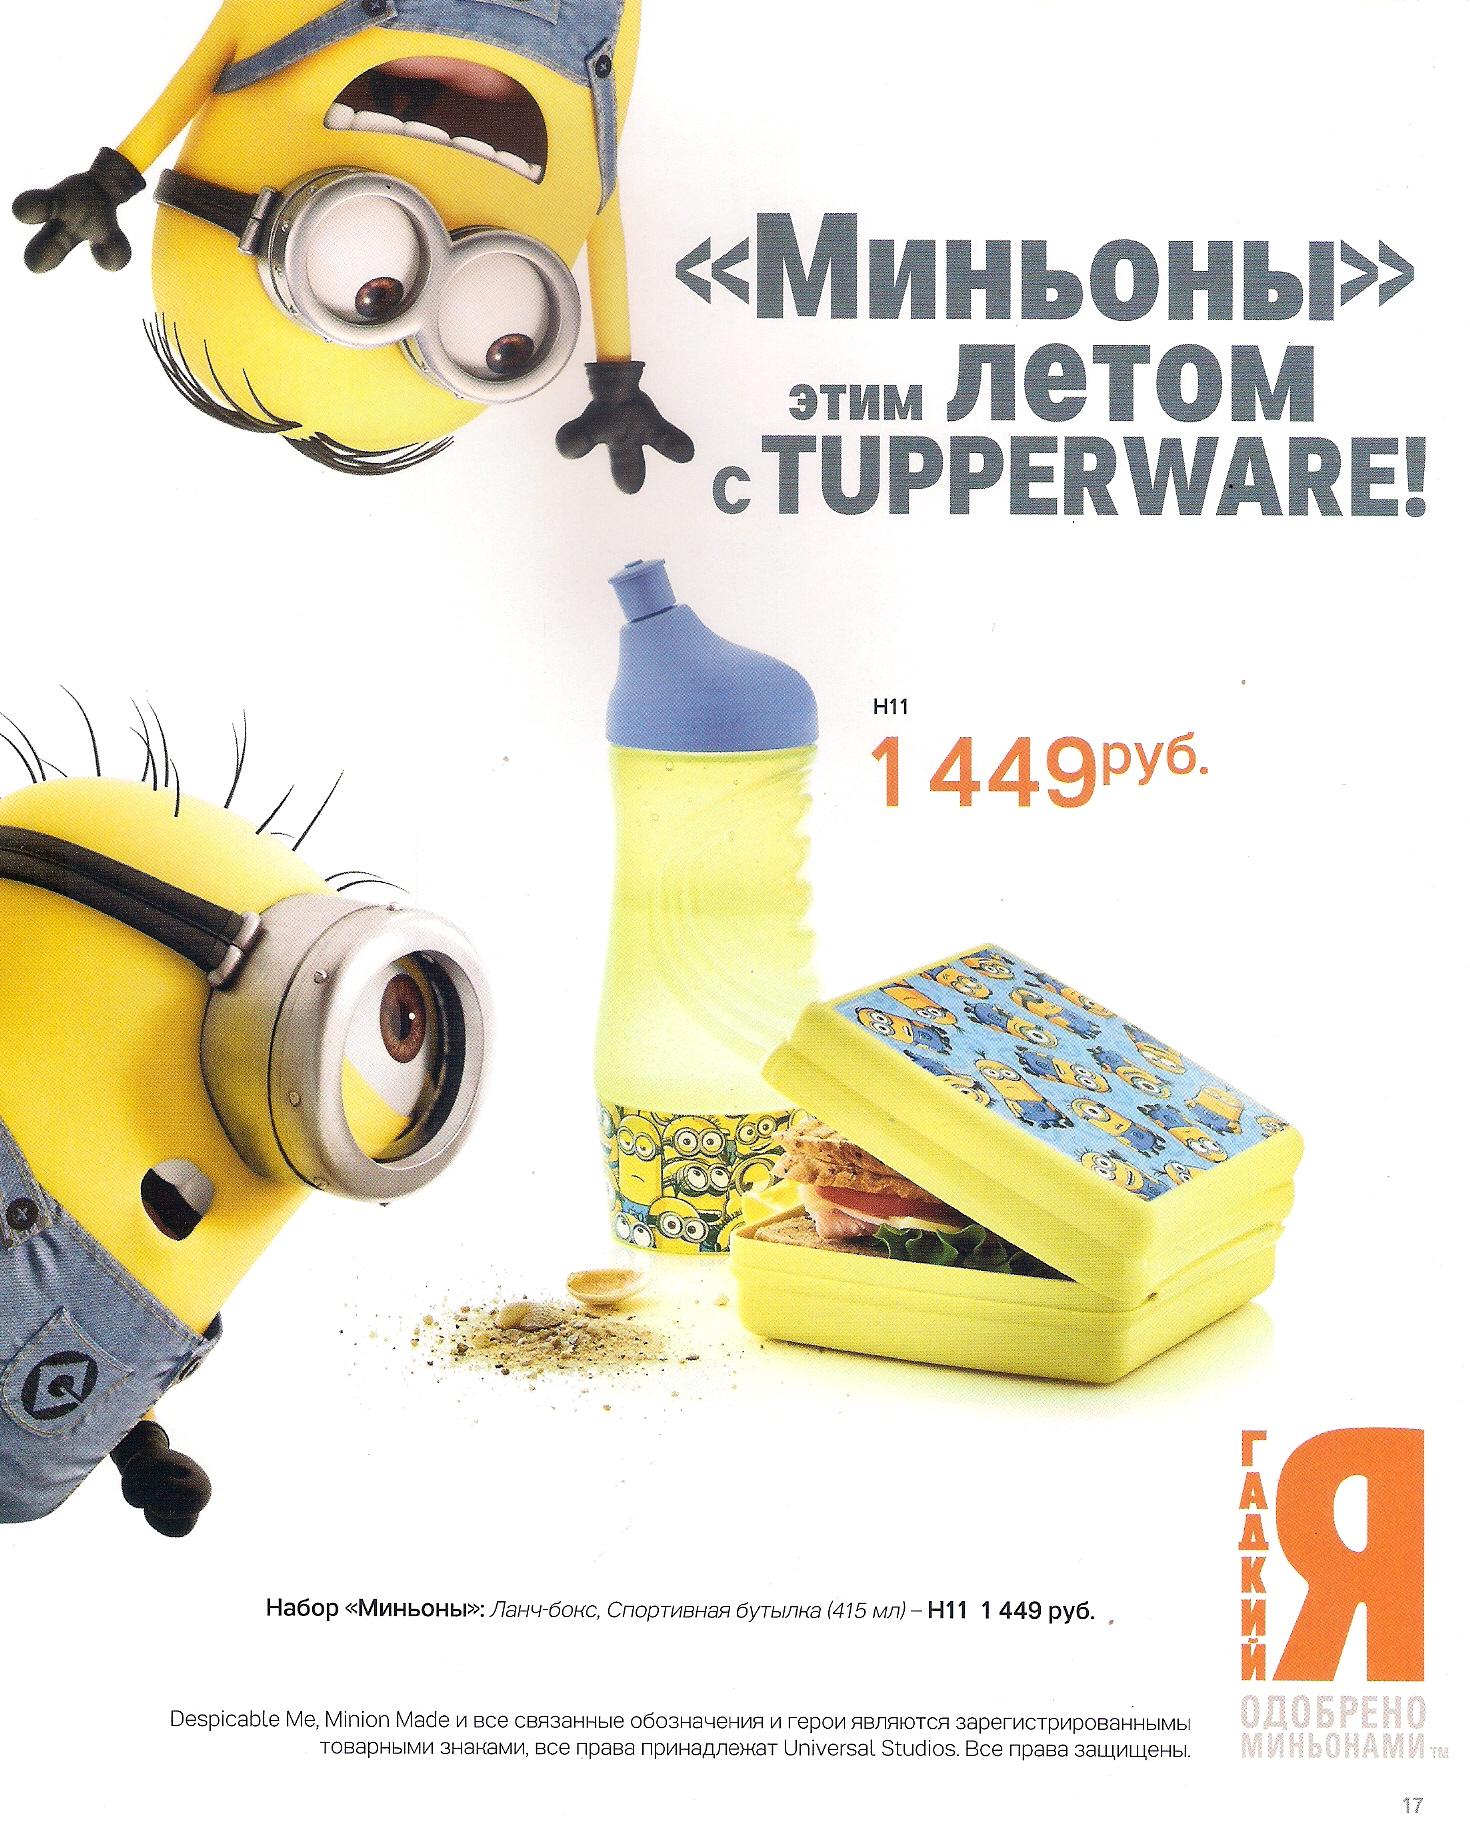 http://tupperware-online.ru/images/upload/14k.jpg